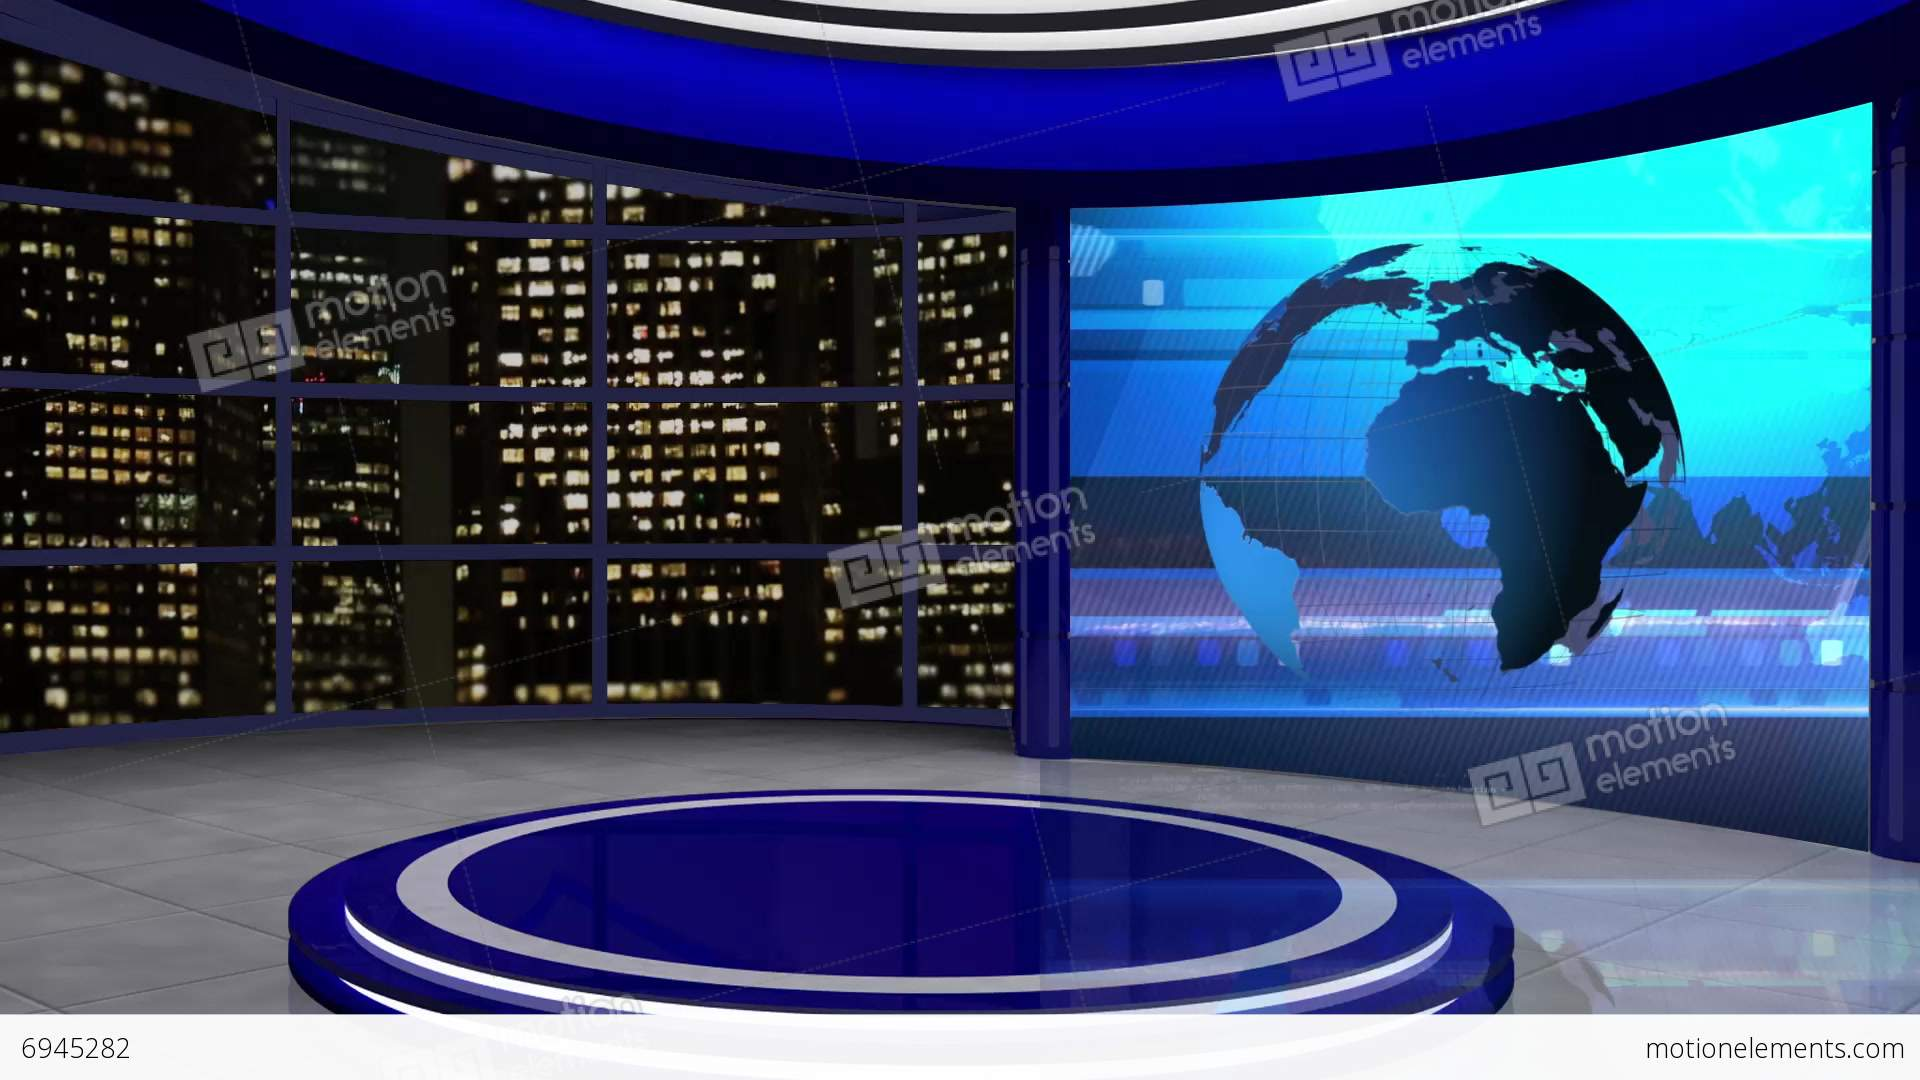 News TV Studio Set 61